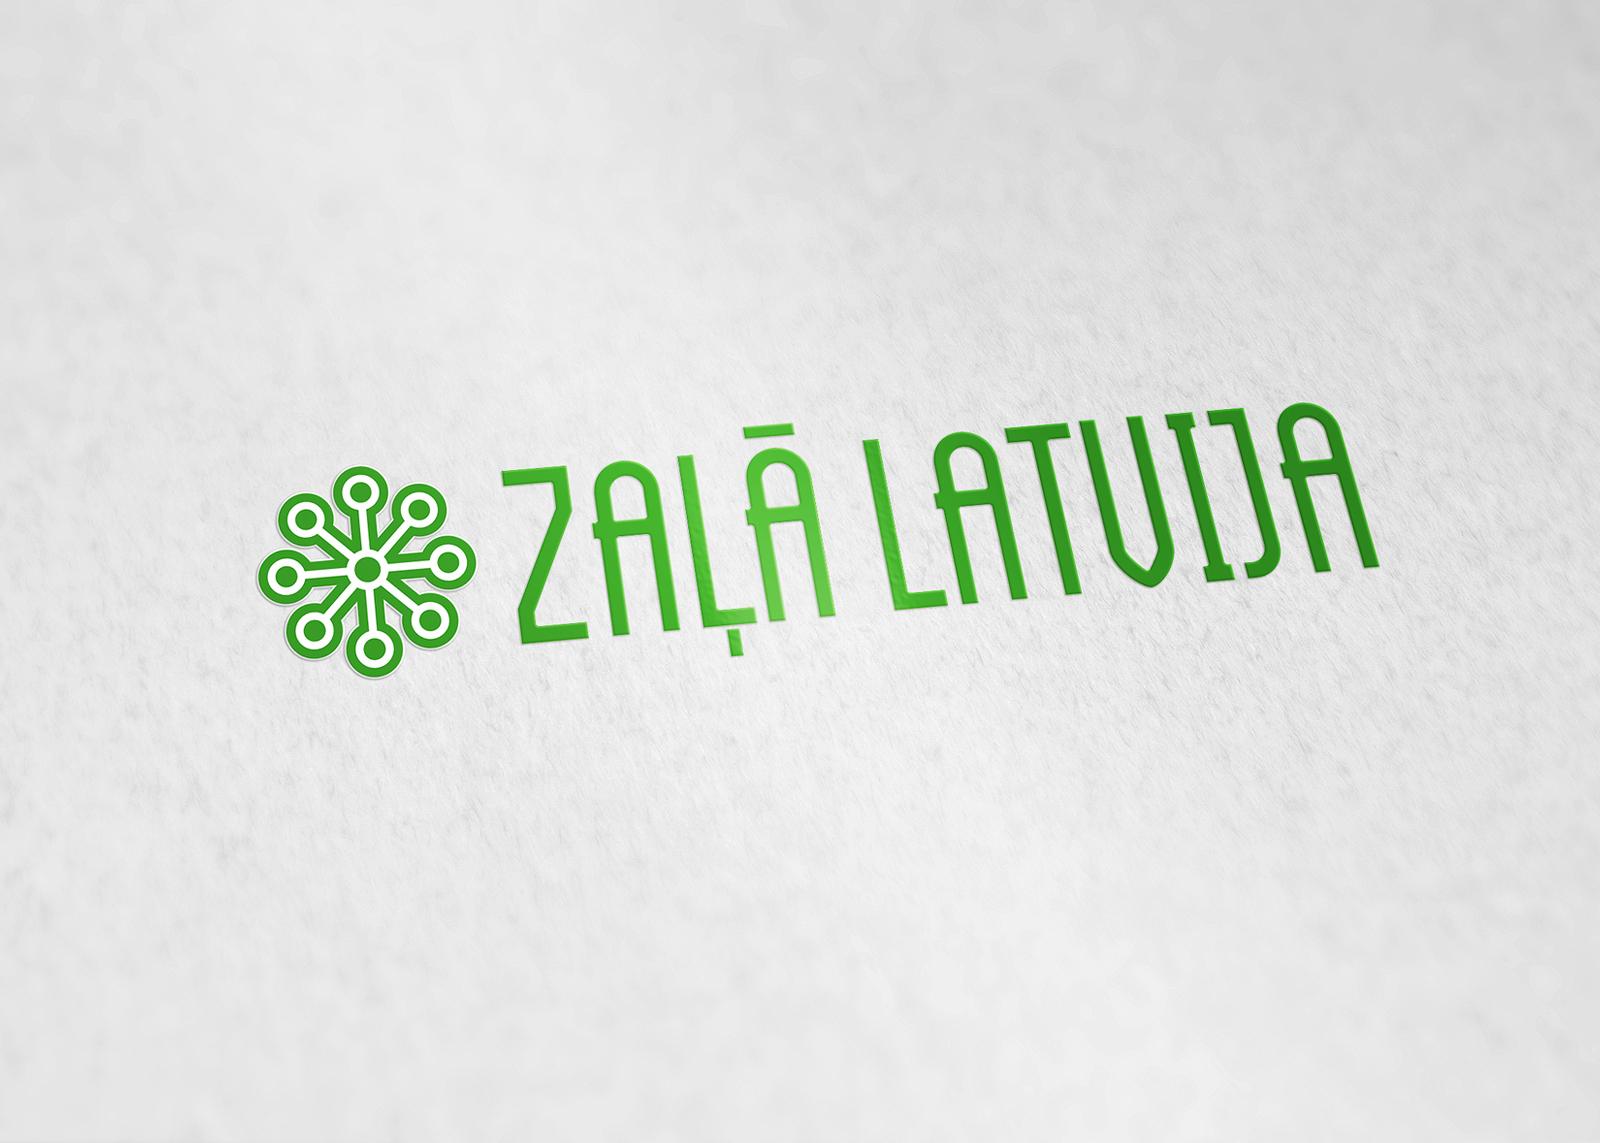 zala latvija